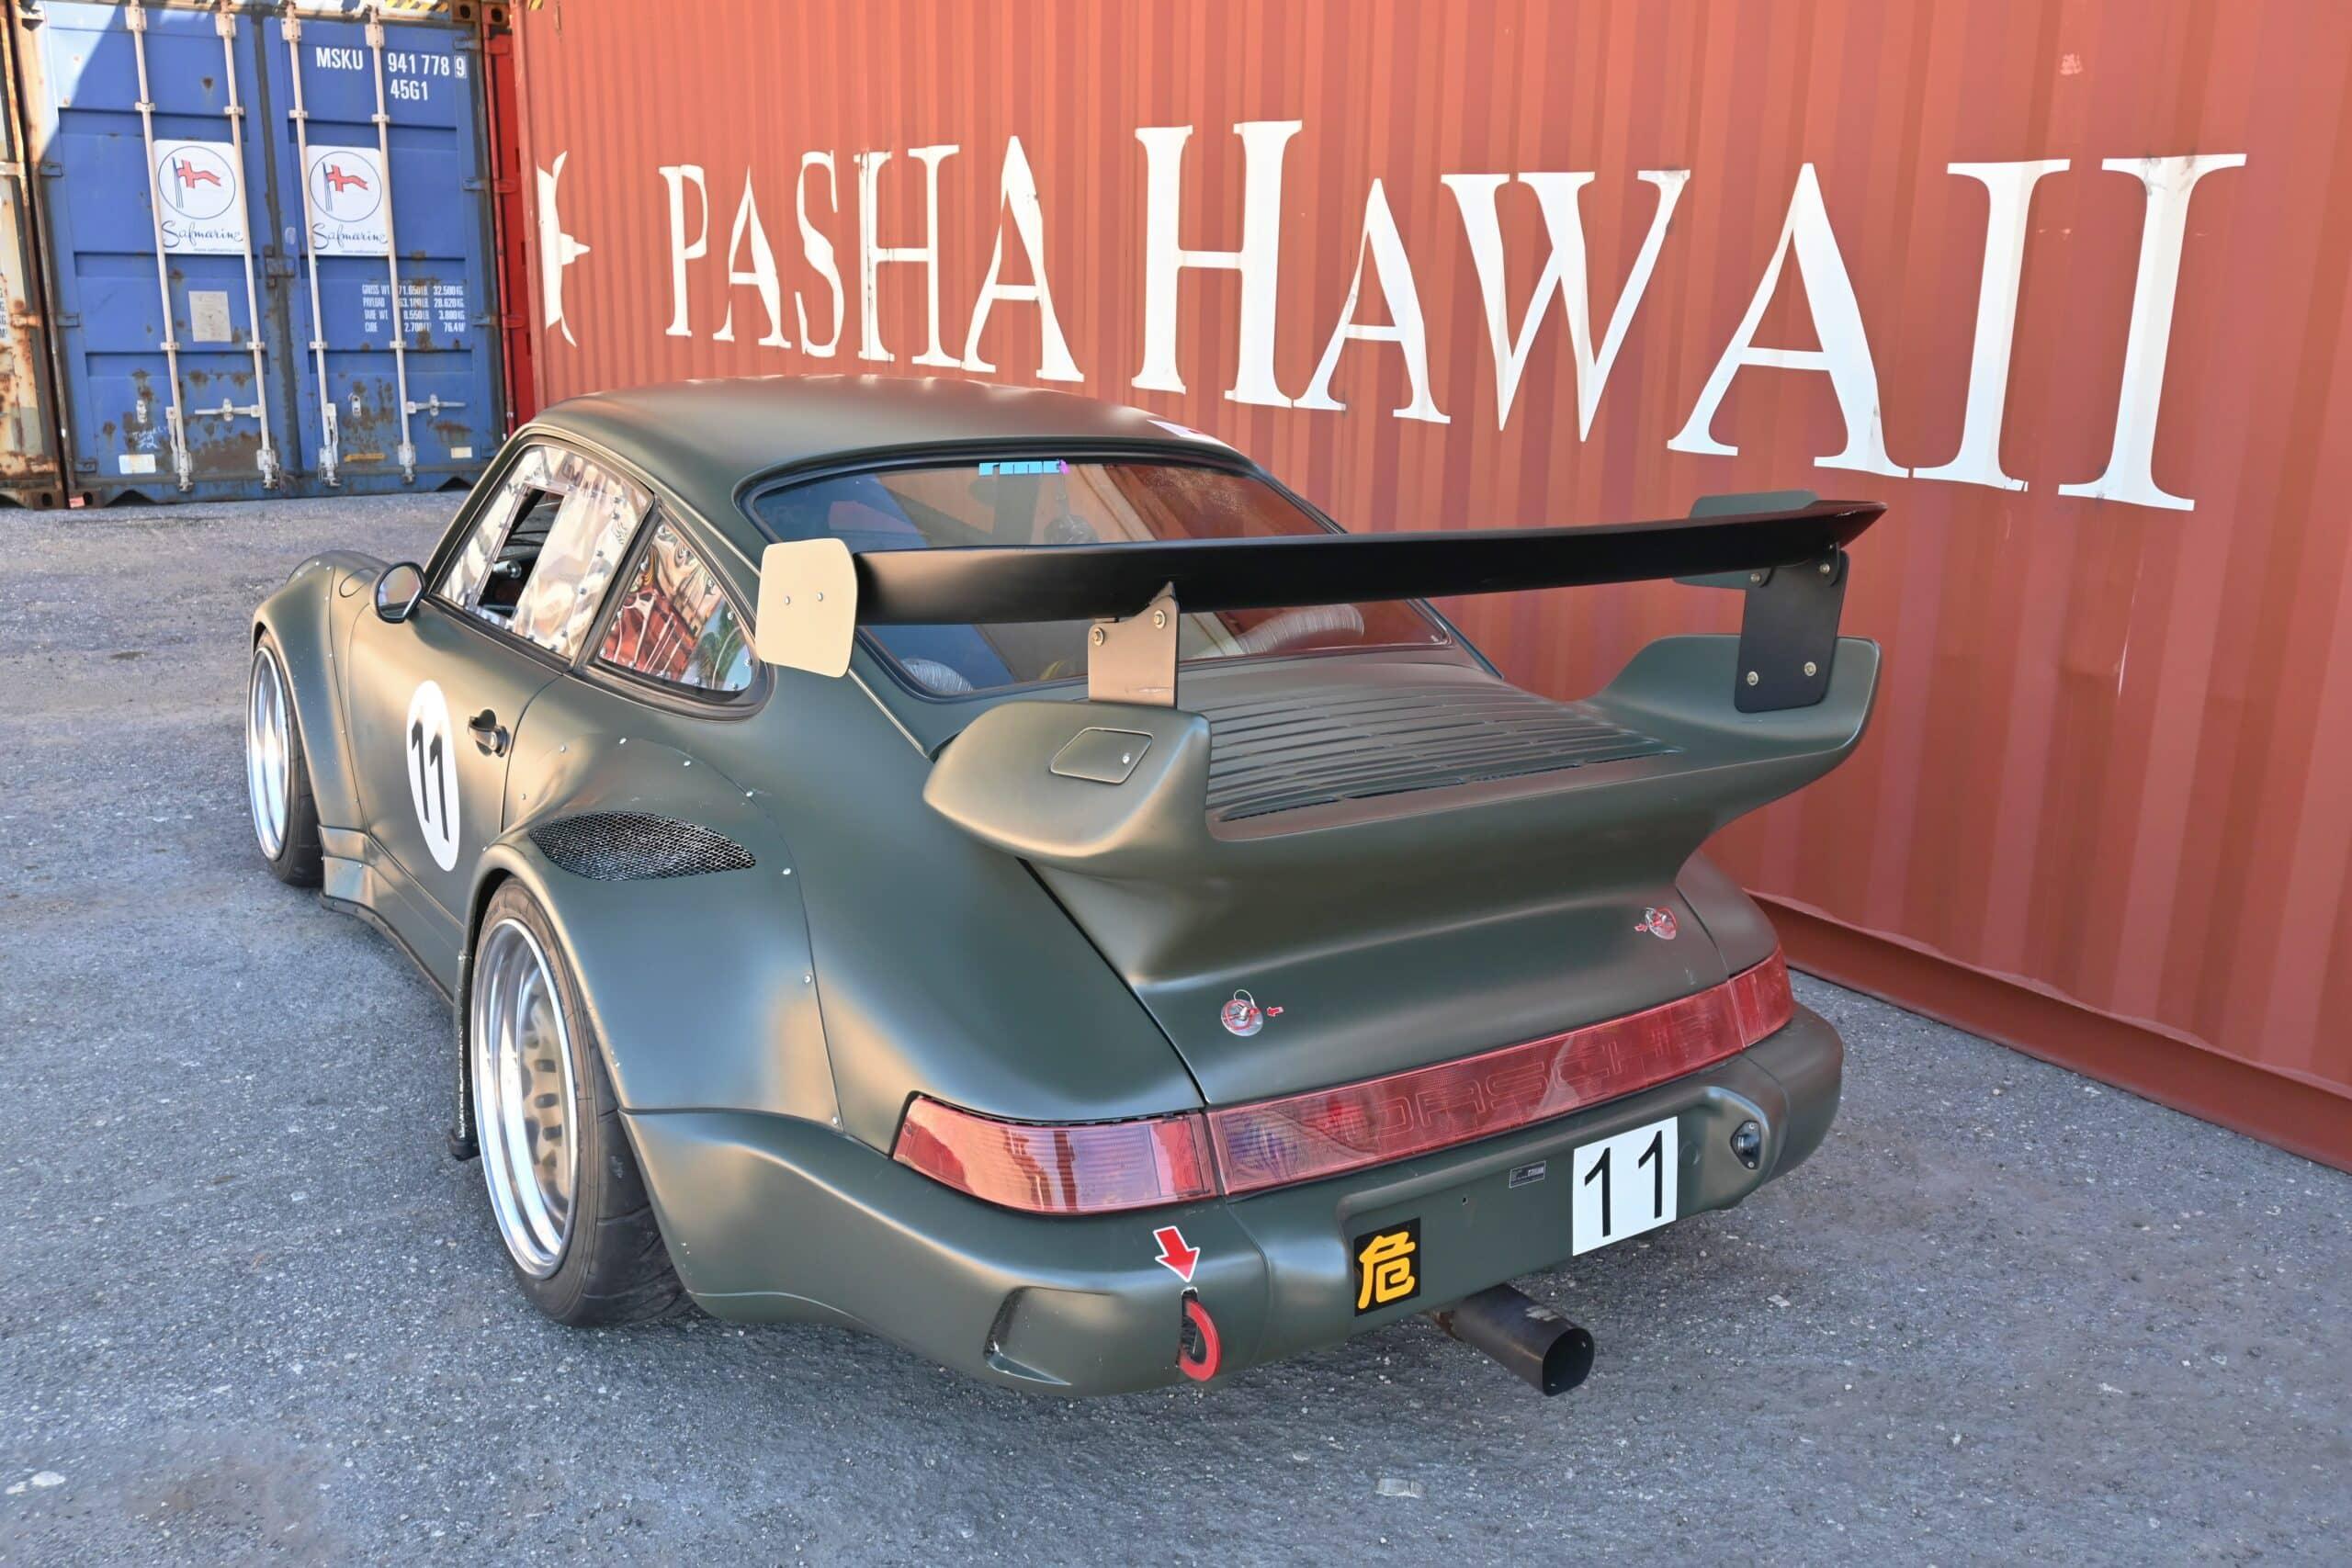 1992 Porsche 911 RWB 964 3.8L RSR   6 Speed 993 RSR   Carbon Roof   IDLERS Cup Japan